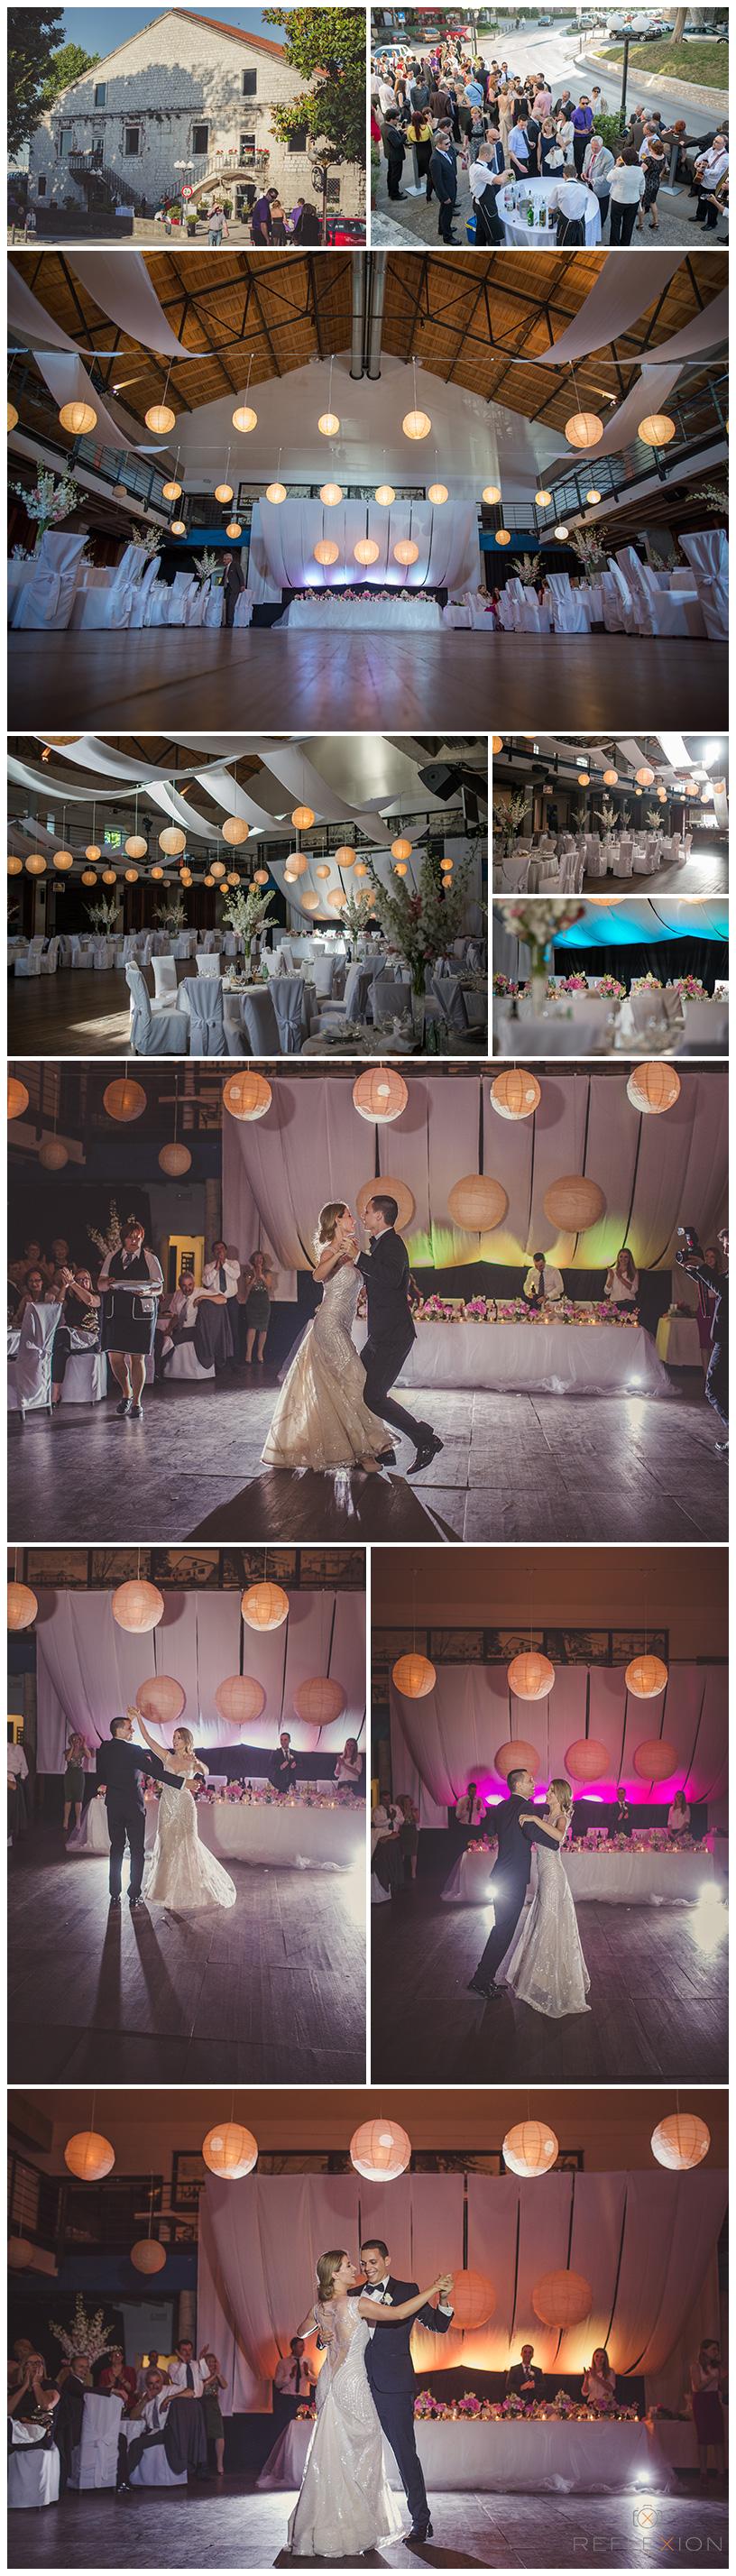 Wedding Reception in Arsenal Club Zadar Croatia